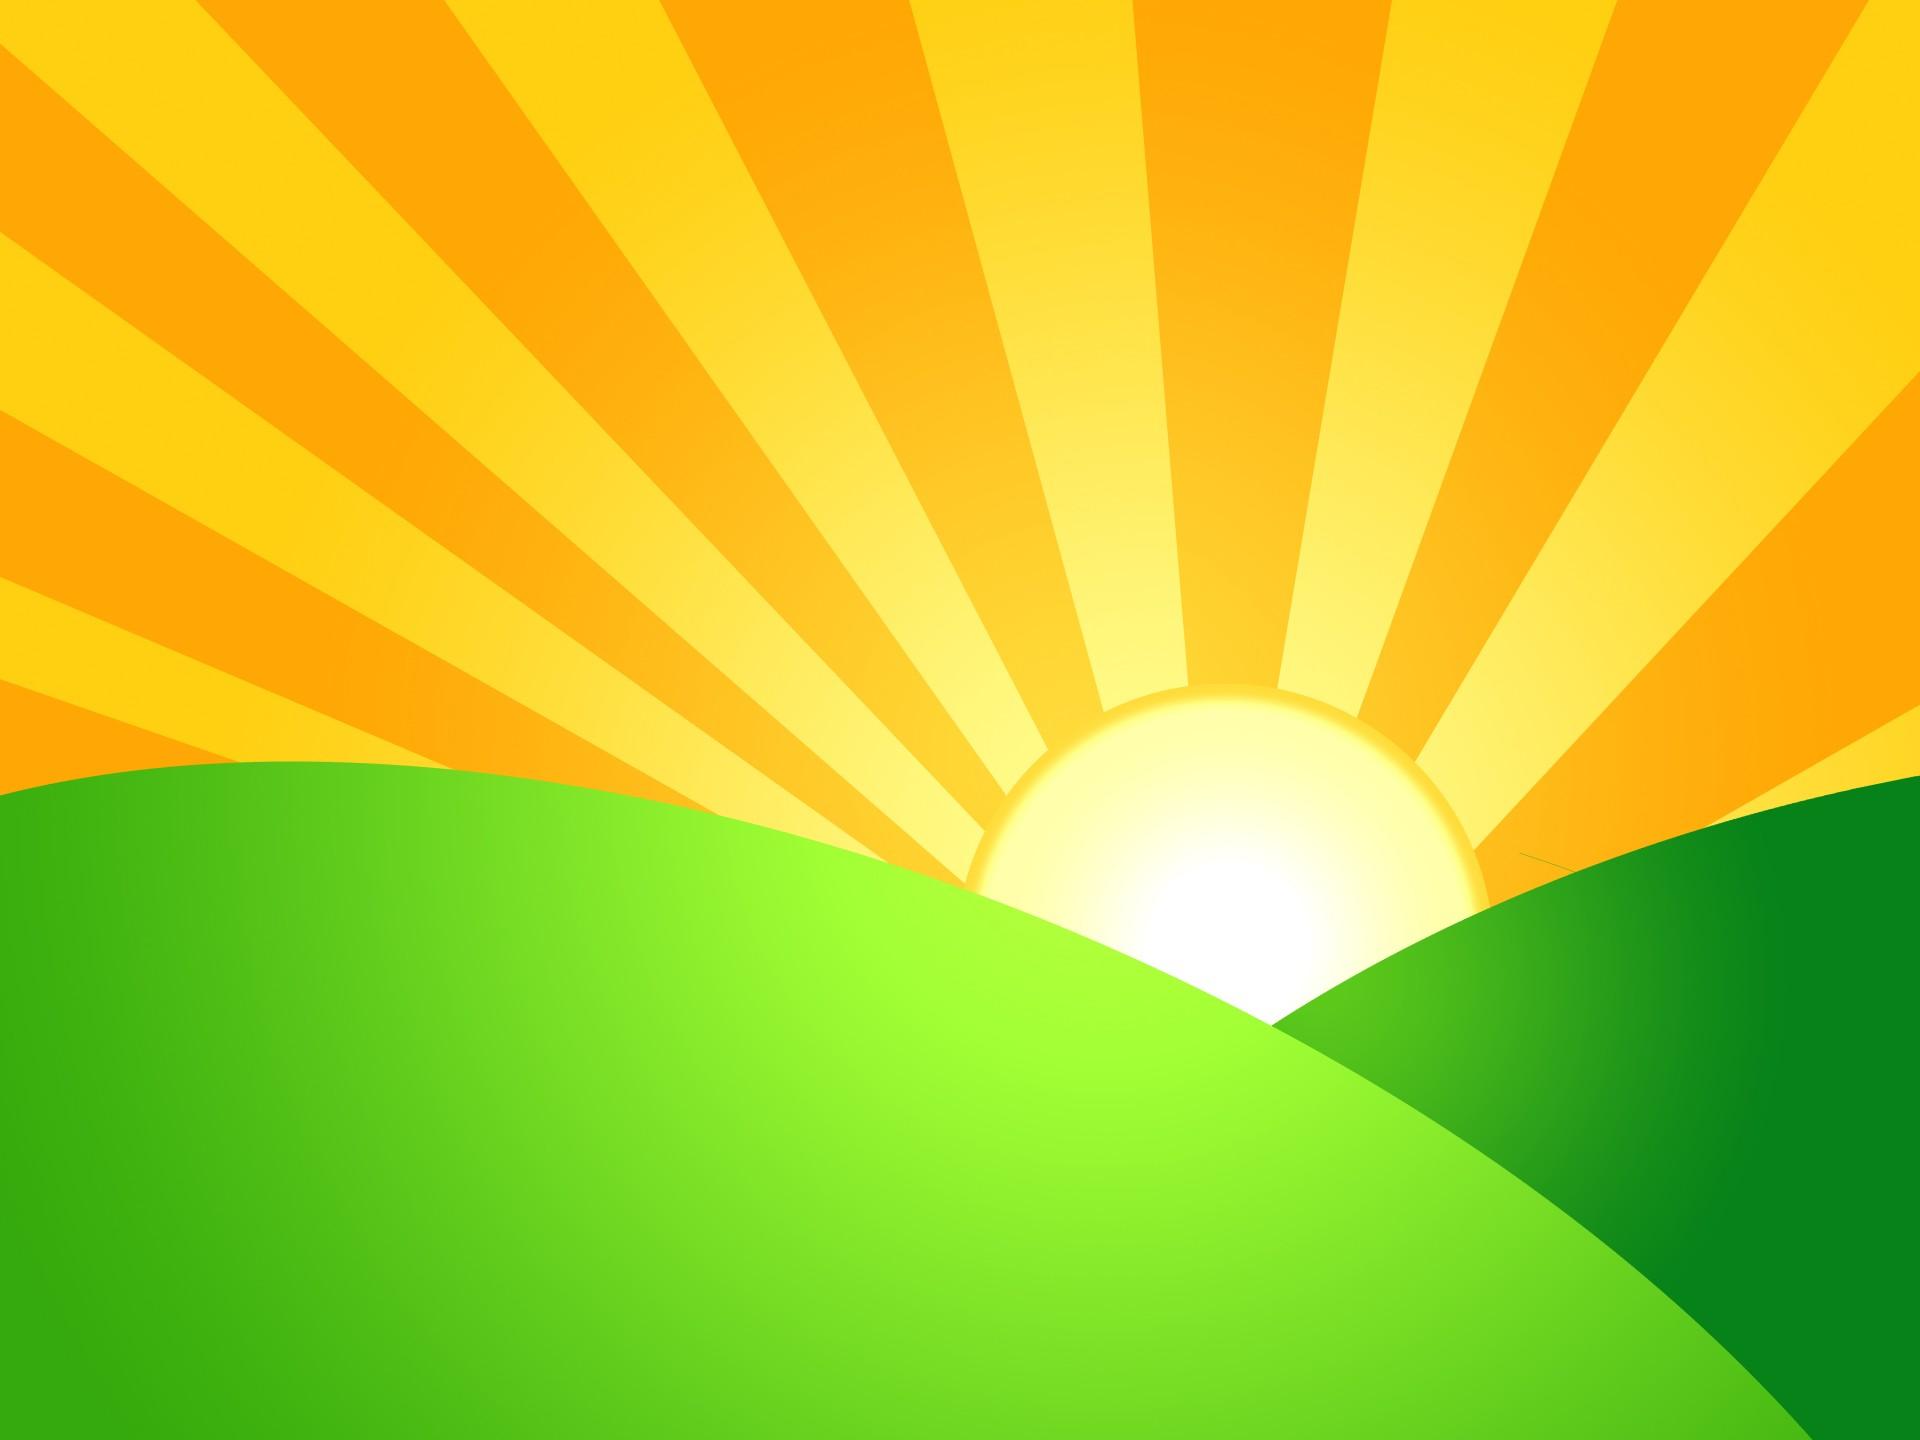 sunrise-over-green-hills (1)